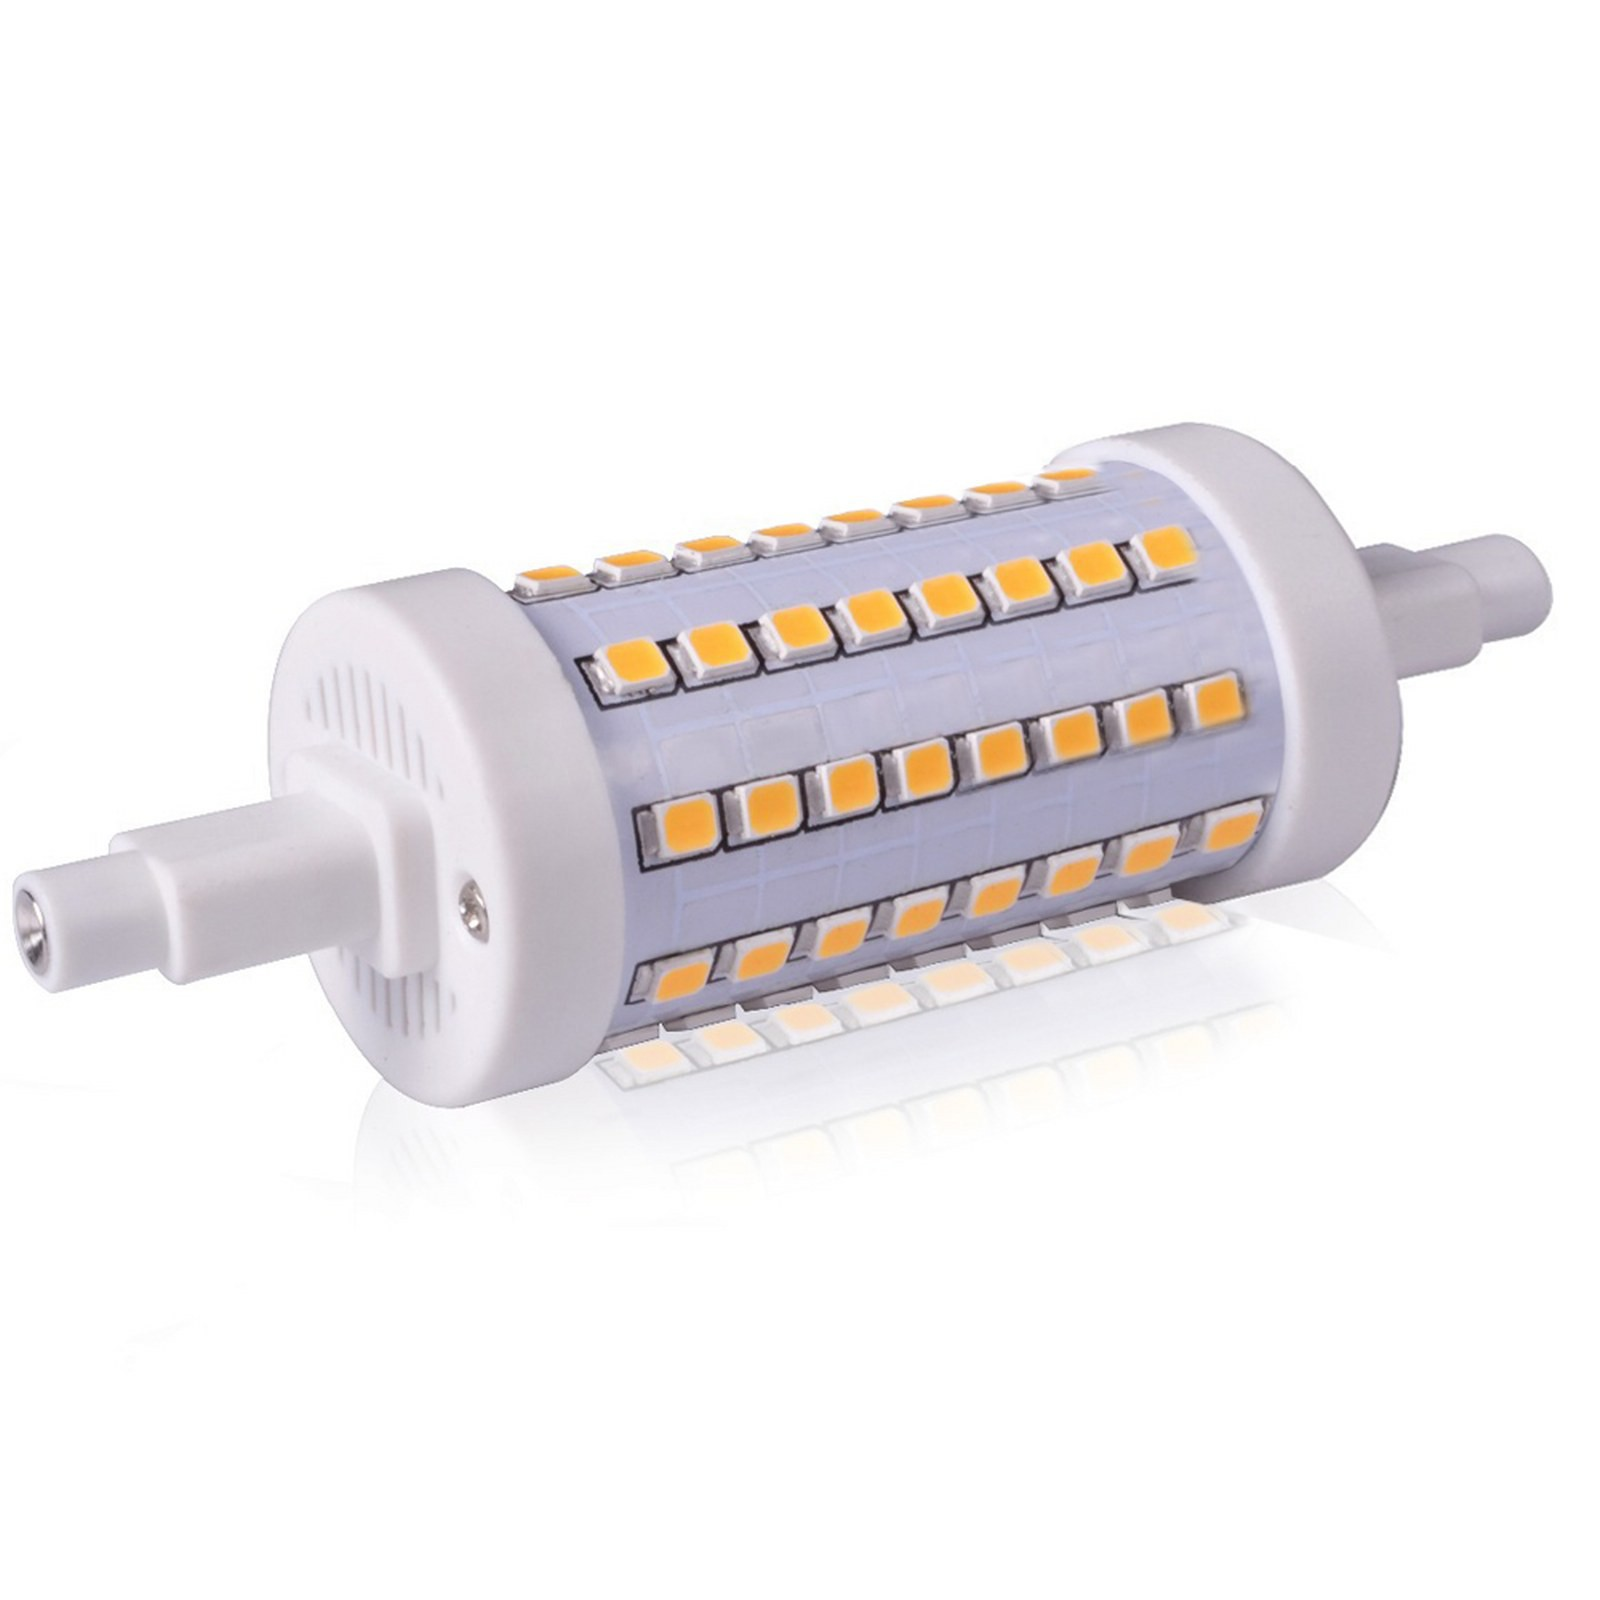 Lampada Lampadina Faro Faretto R7s LED LIFE Luce Bianca Naturale 6 Watt 650 Lm - Area Illumina